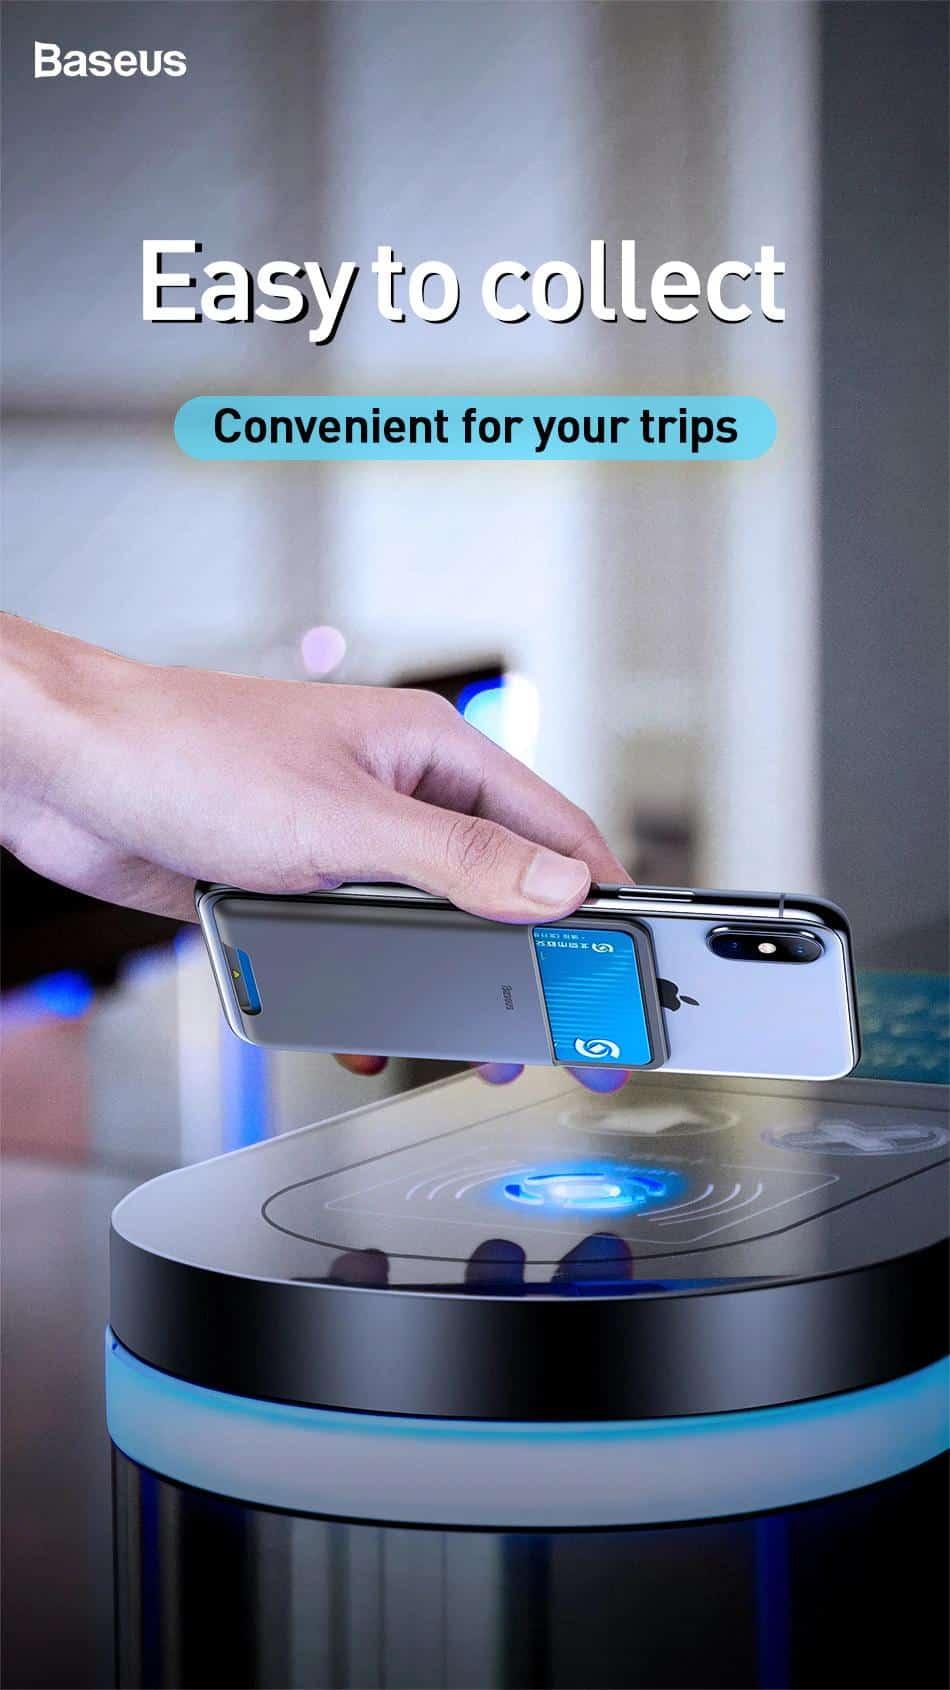 Miếng dán silicone sau lưng điện thoại chứa thẻ card thương hiệu Baseus